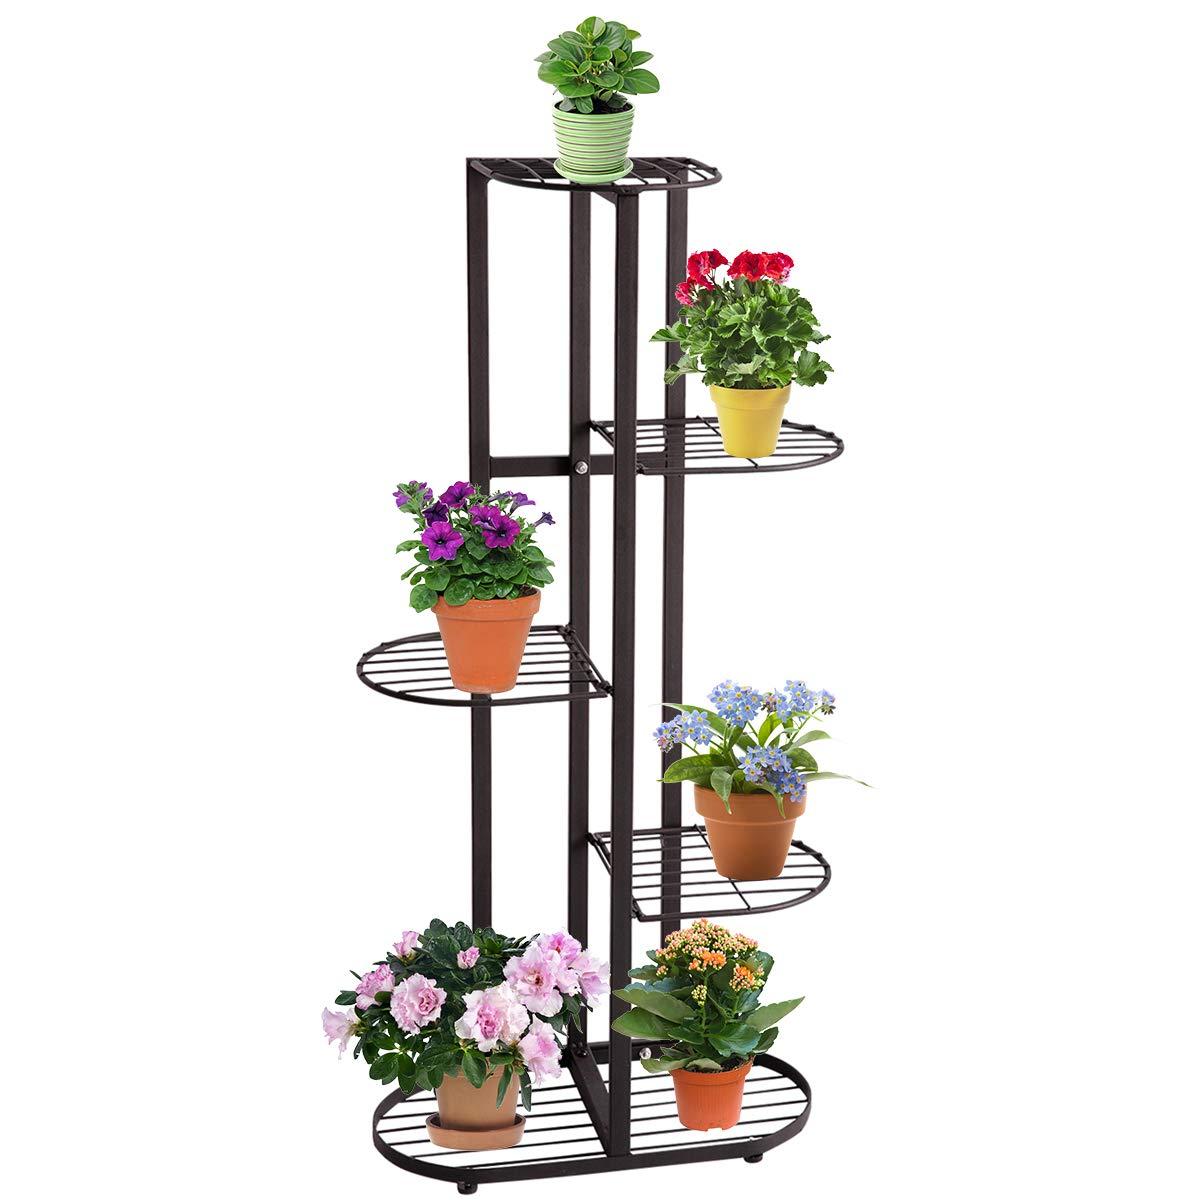 DOEWORKS 5 Tier Metal Plant Stand Flower Holder Pot Display Pots Holder for Indoor Outdoor Use, Black